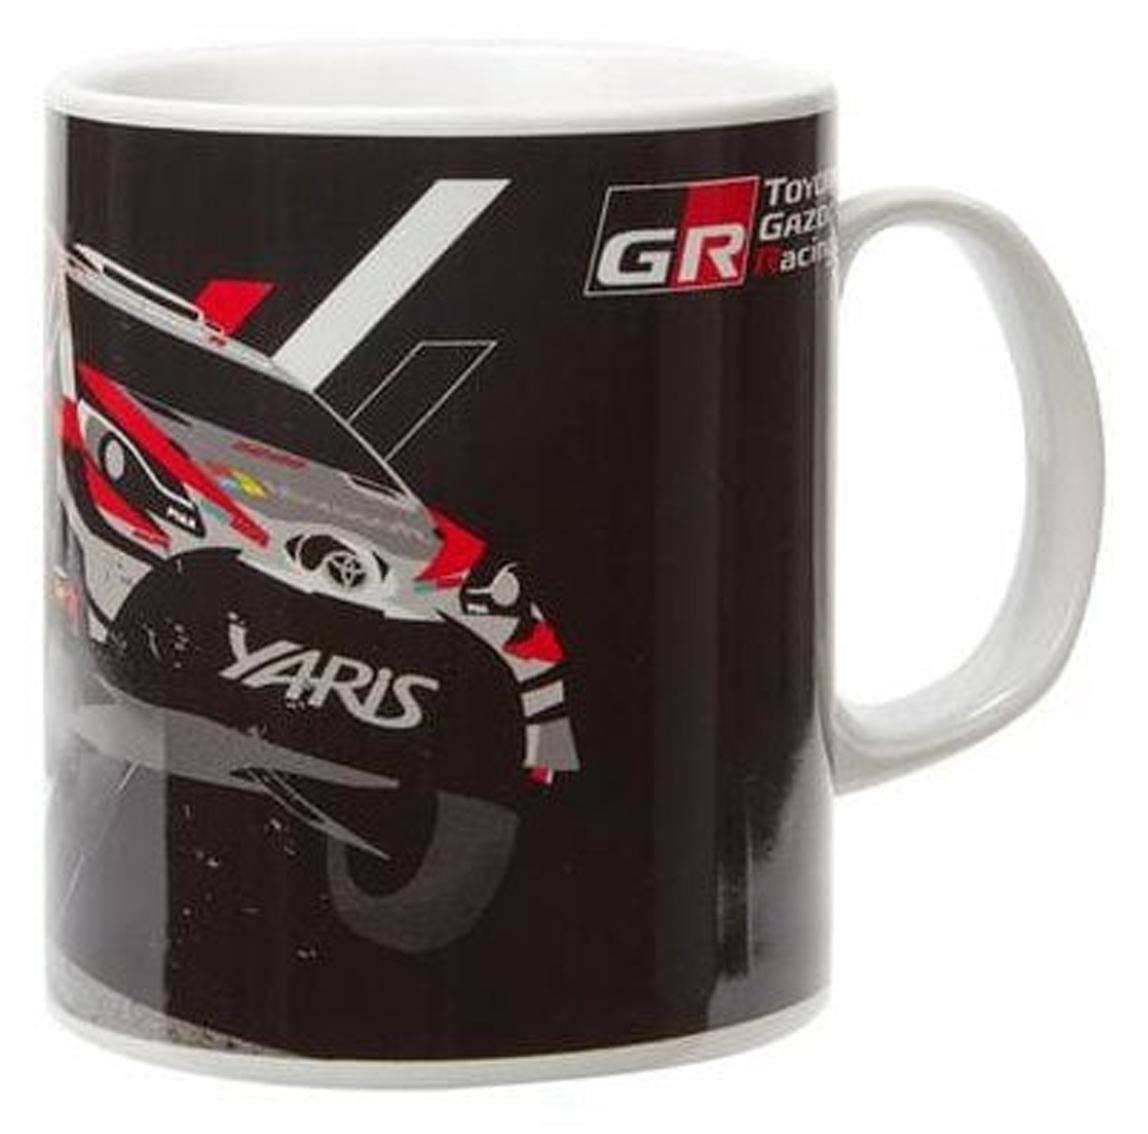 TOYOTA GAZOO Racing WRC ヤリス マグカップ ブラック画像